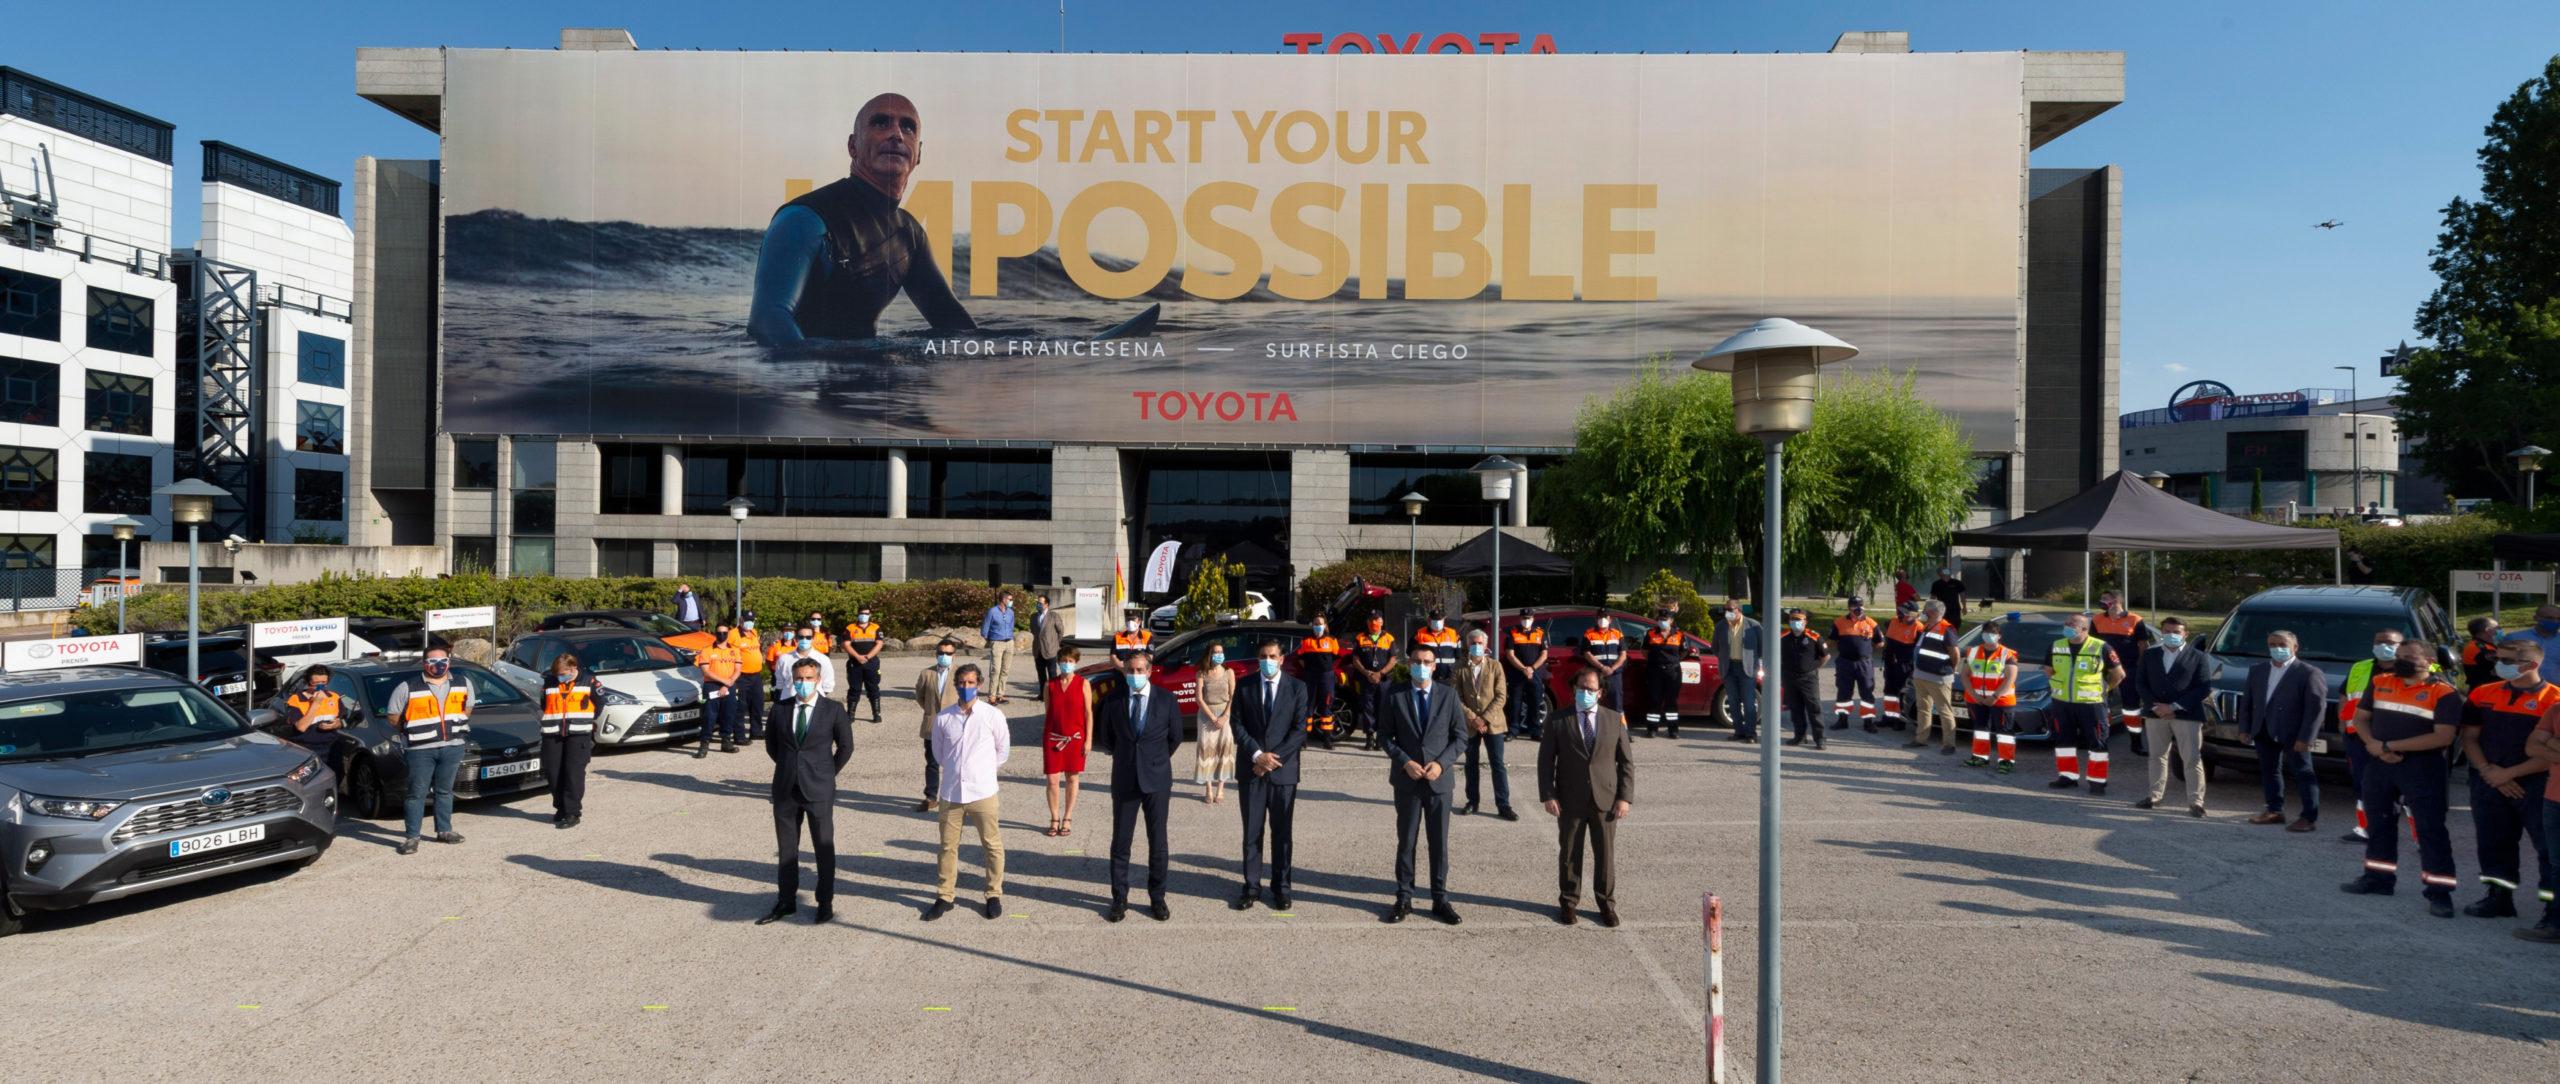 Protección Civil reconoce el esfuerzo de Toyota España